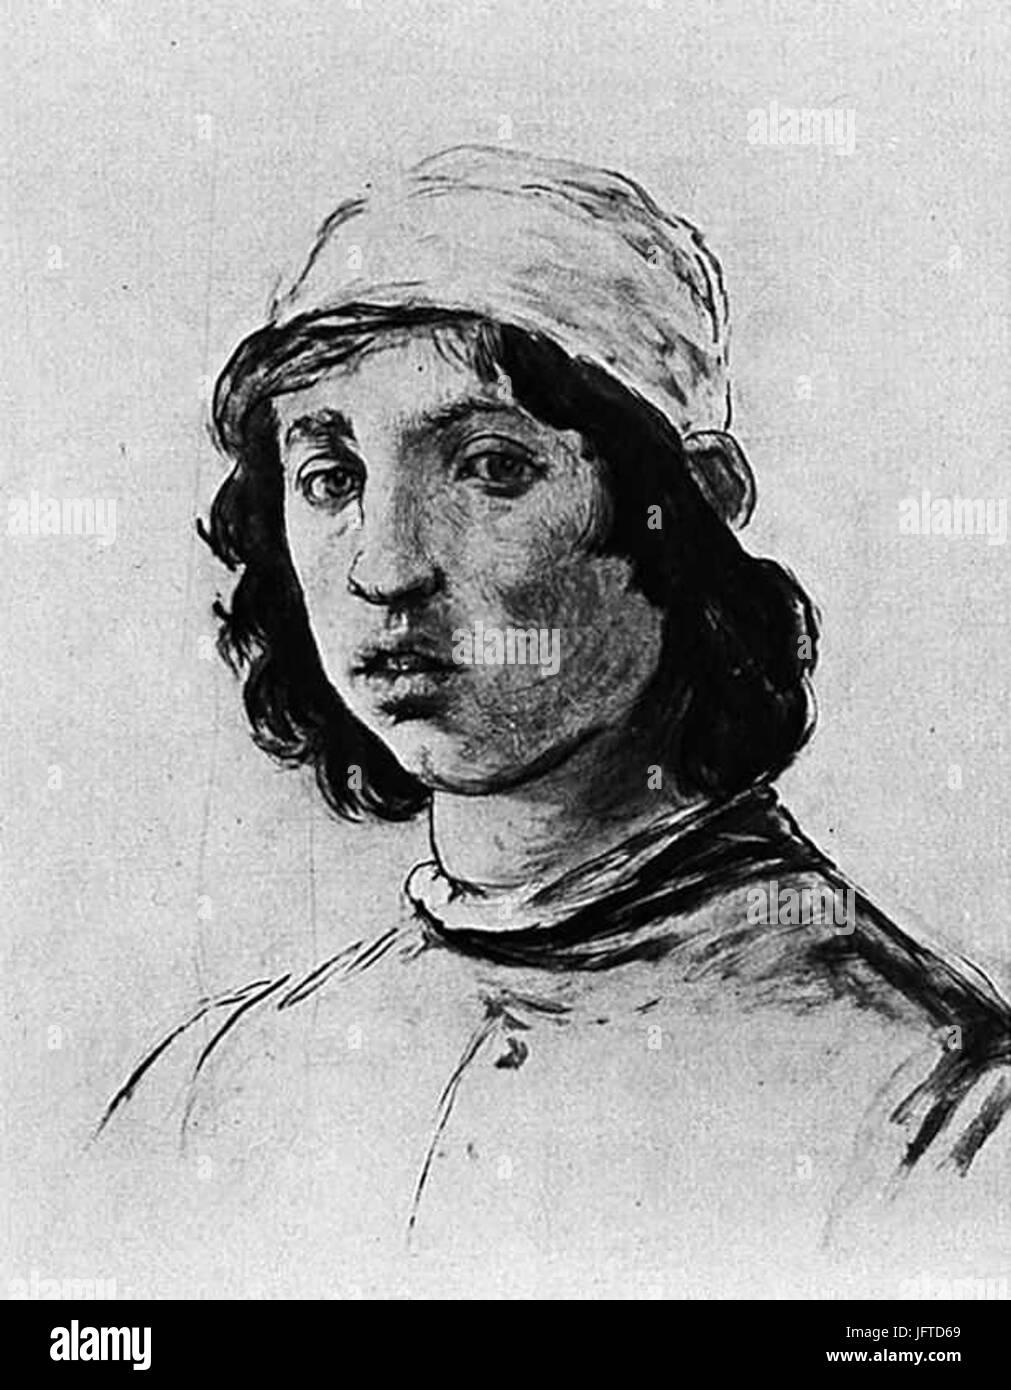 Édouard Manet - TơAAte d un jeune homme (RW 2) - Stock Image